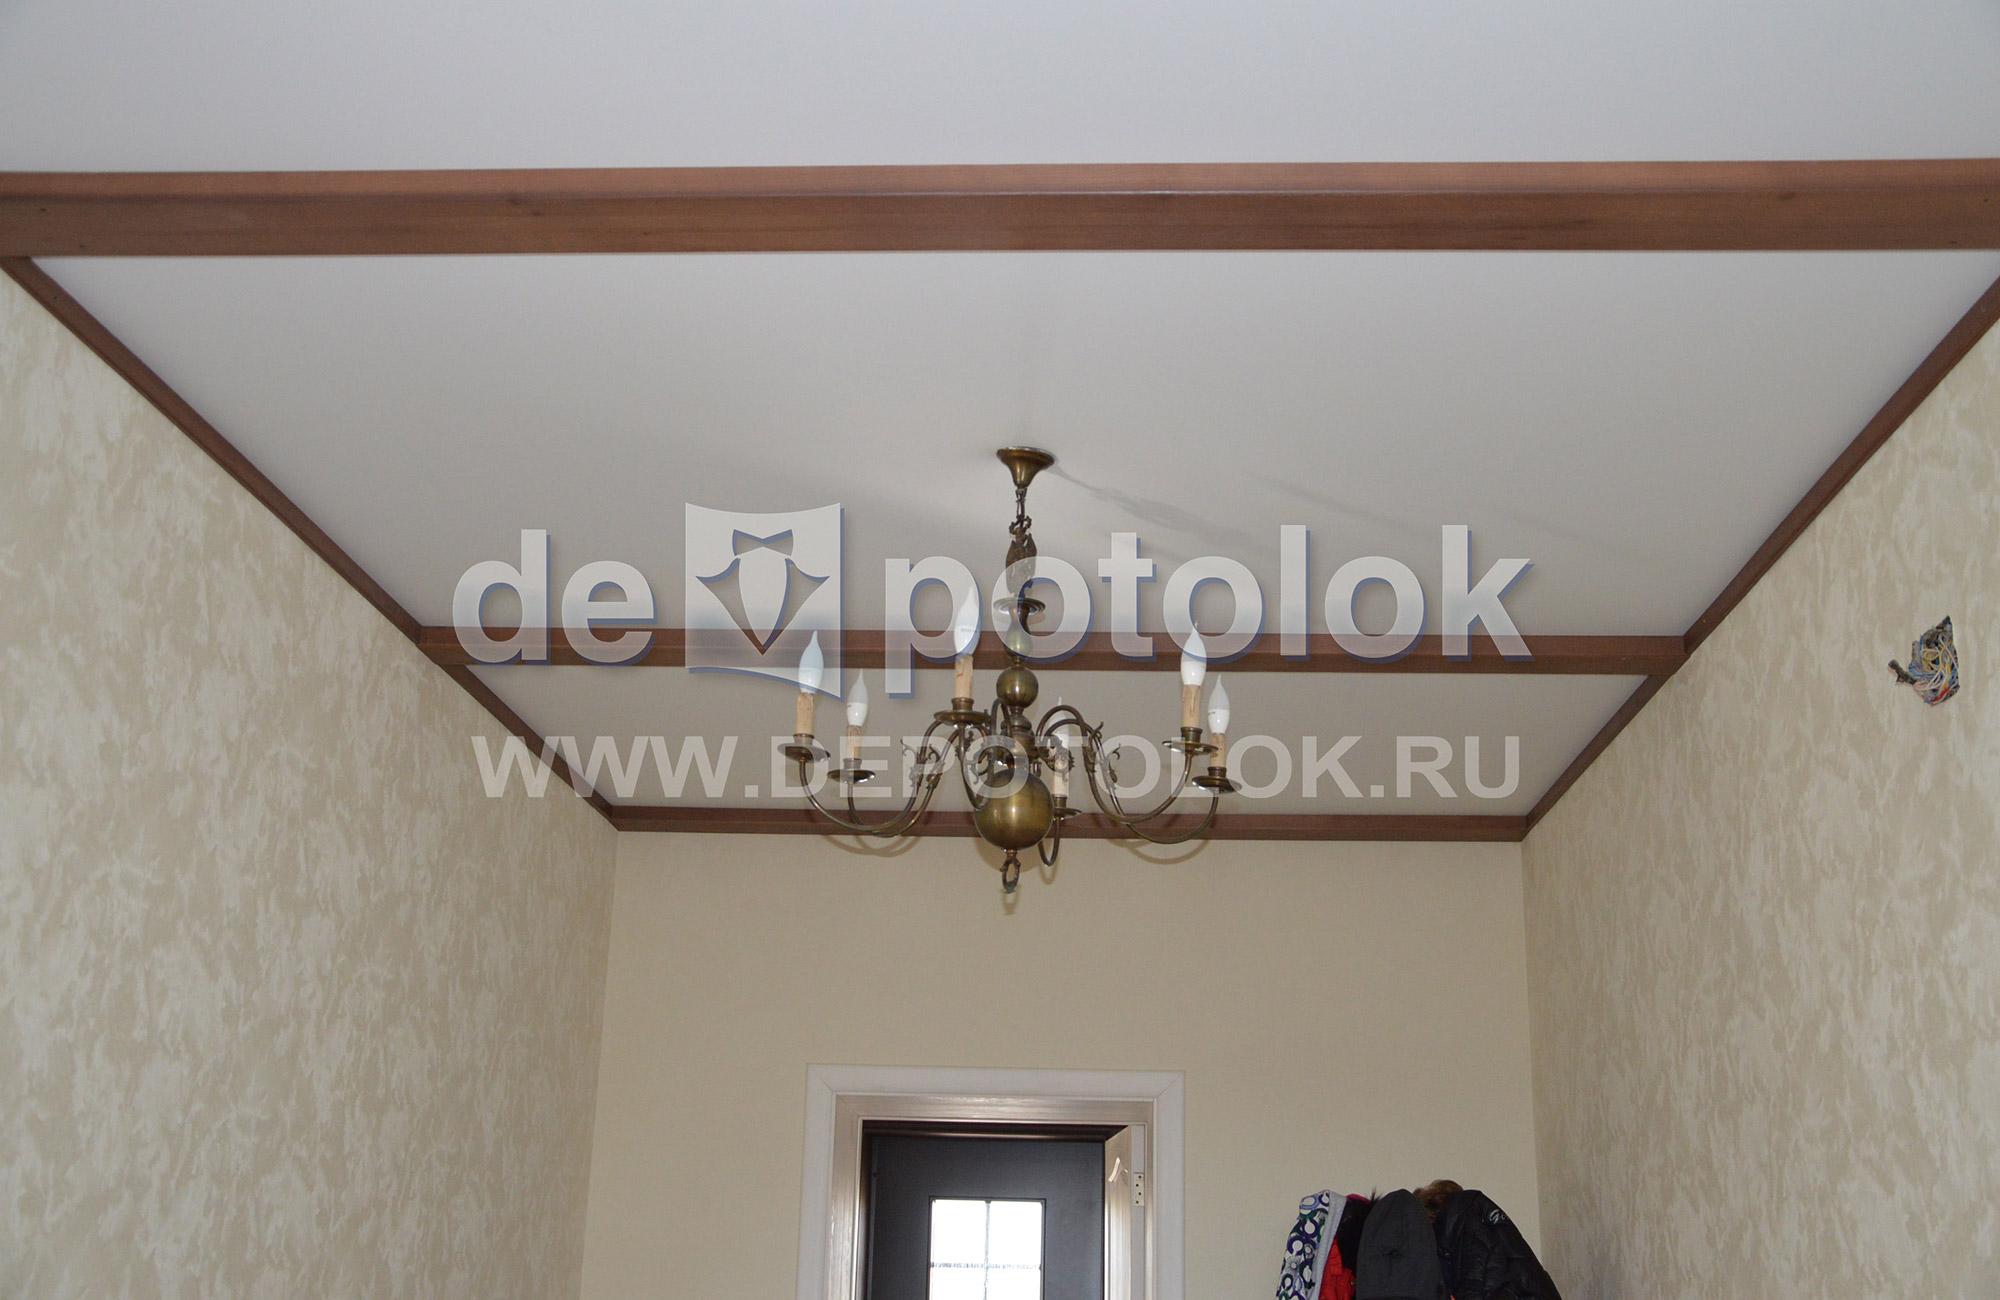 потолков в натяжных новосибирск фото спальне